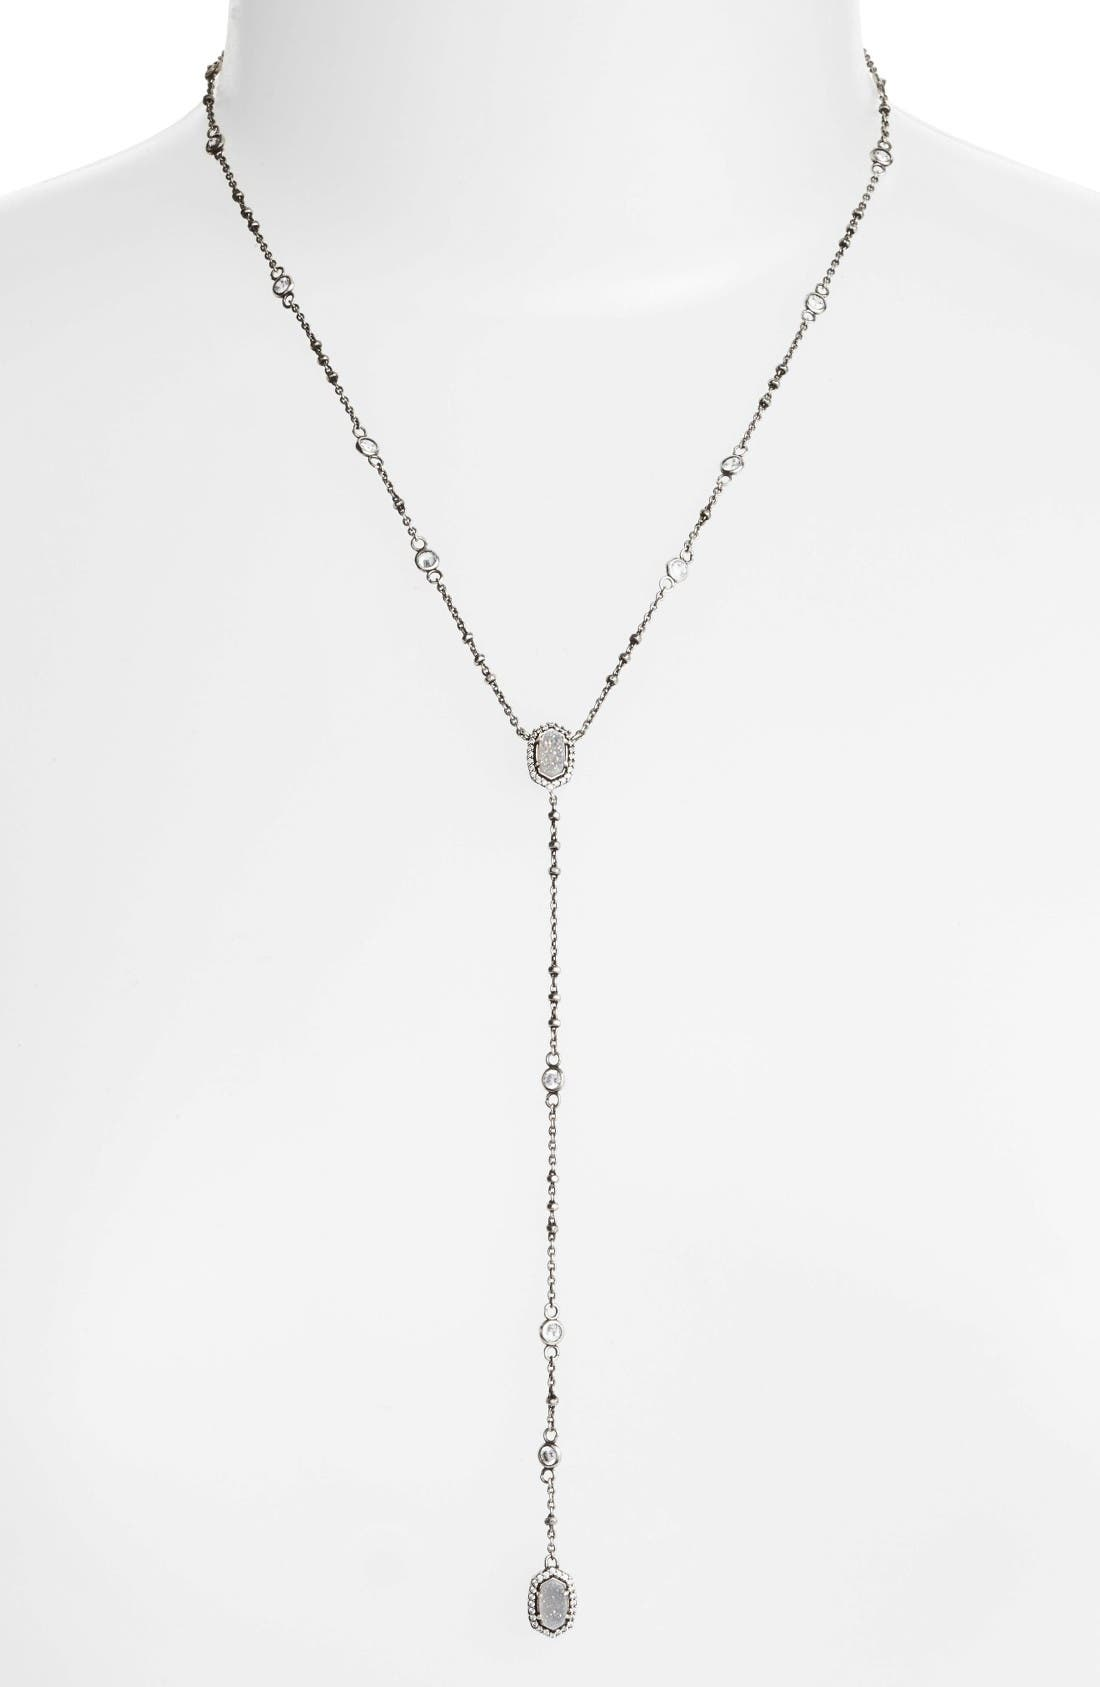 Kendra Scott 'Claudia' Crystal Y-Necklace